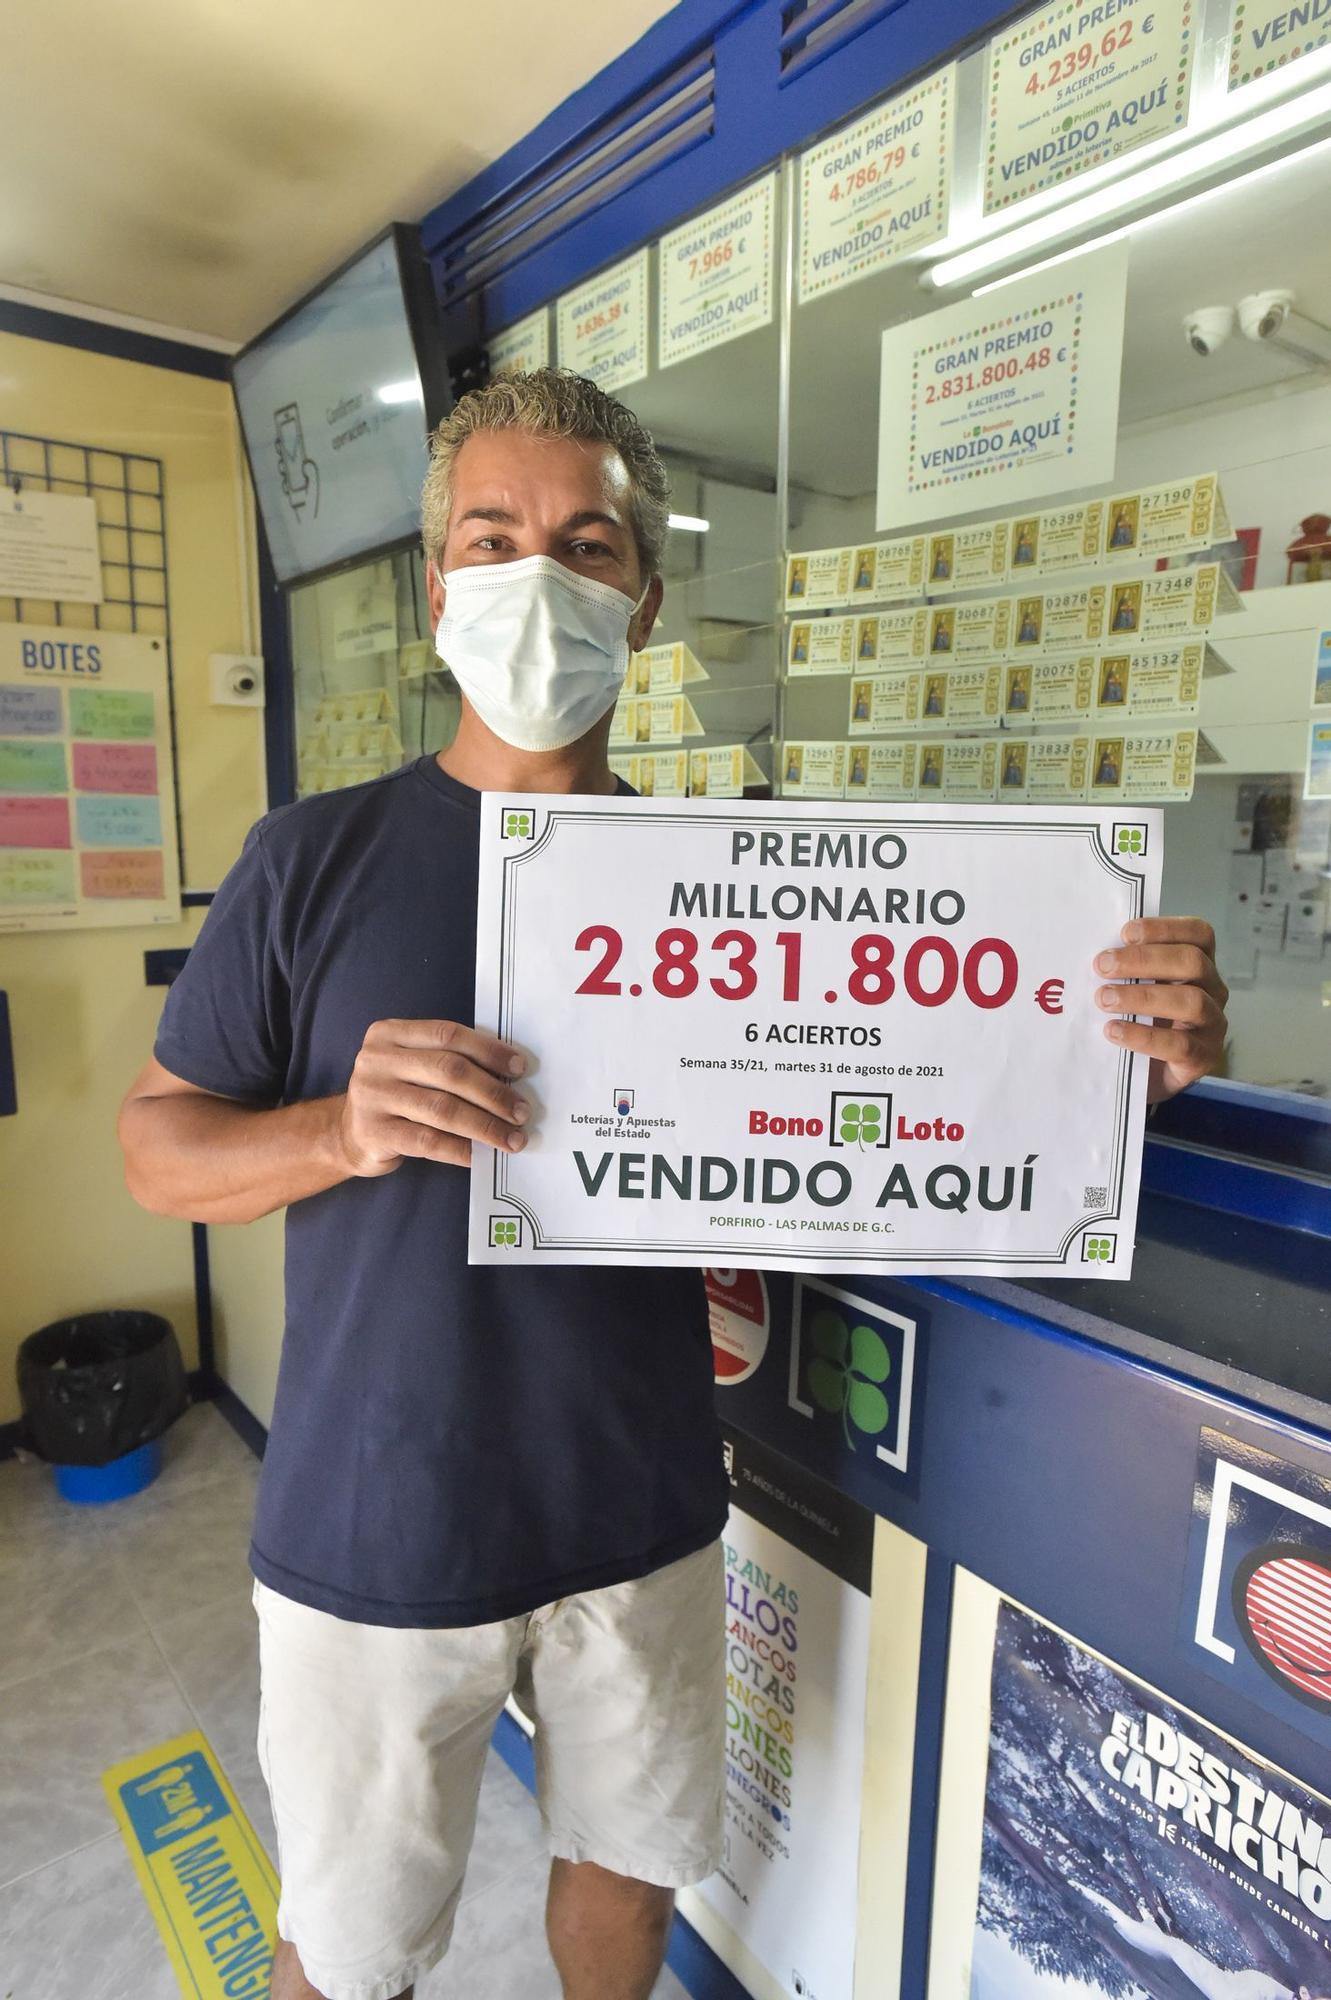 Administración que repartió un premio de 2,8 millones de euros en la Bonoloto